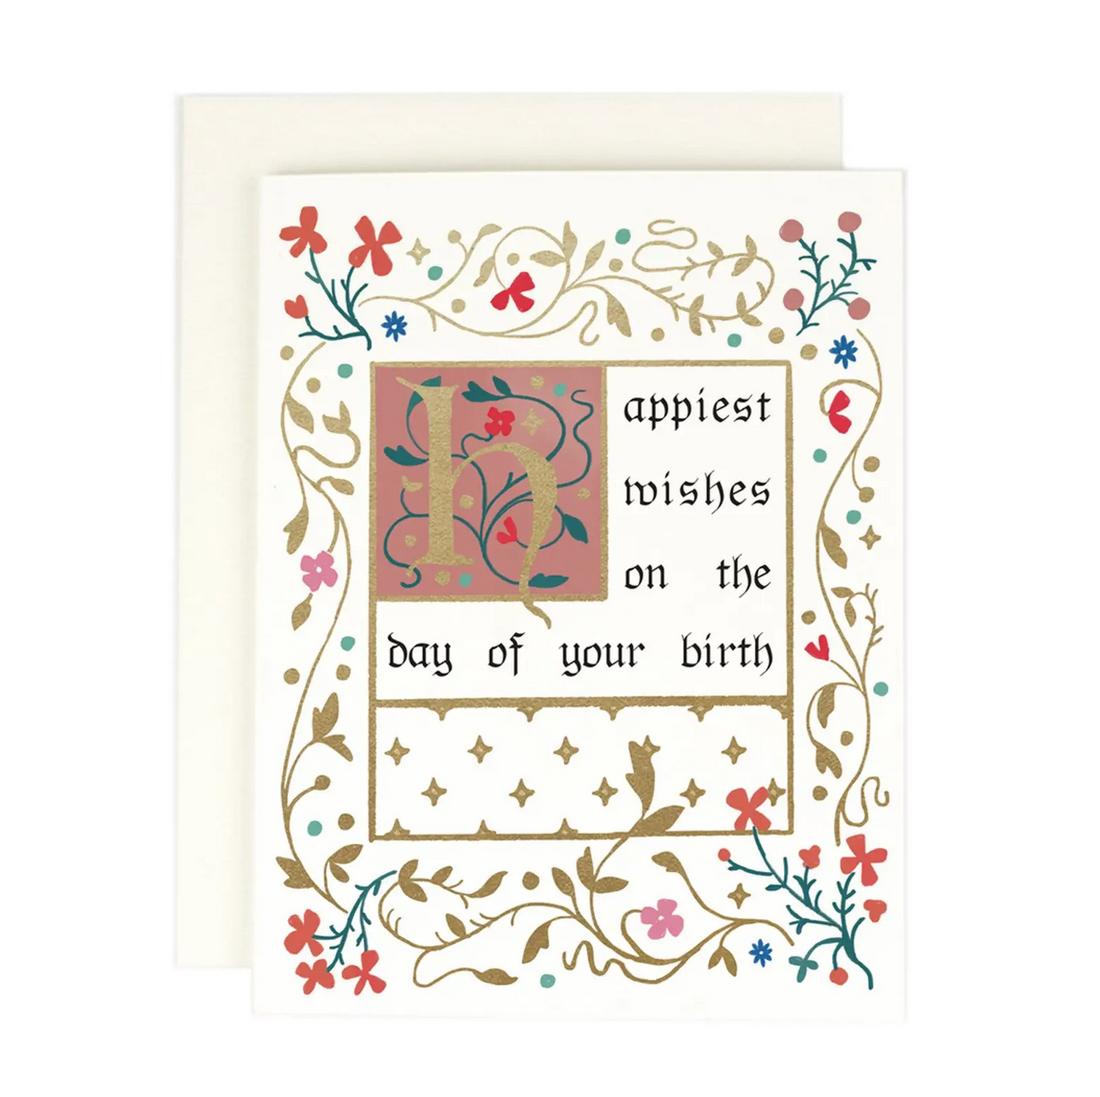 Amy Heitman Illustration - AHI Illuminated Birthday Card